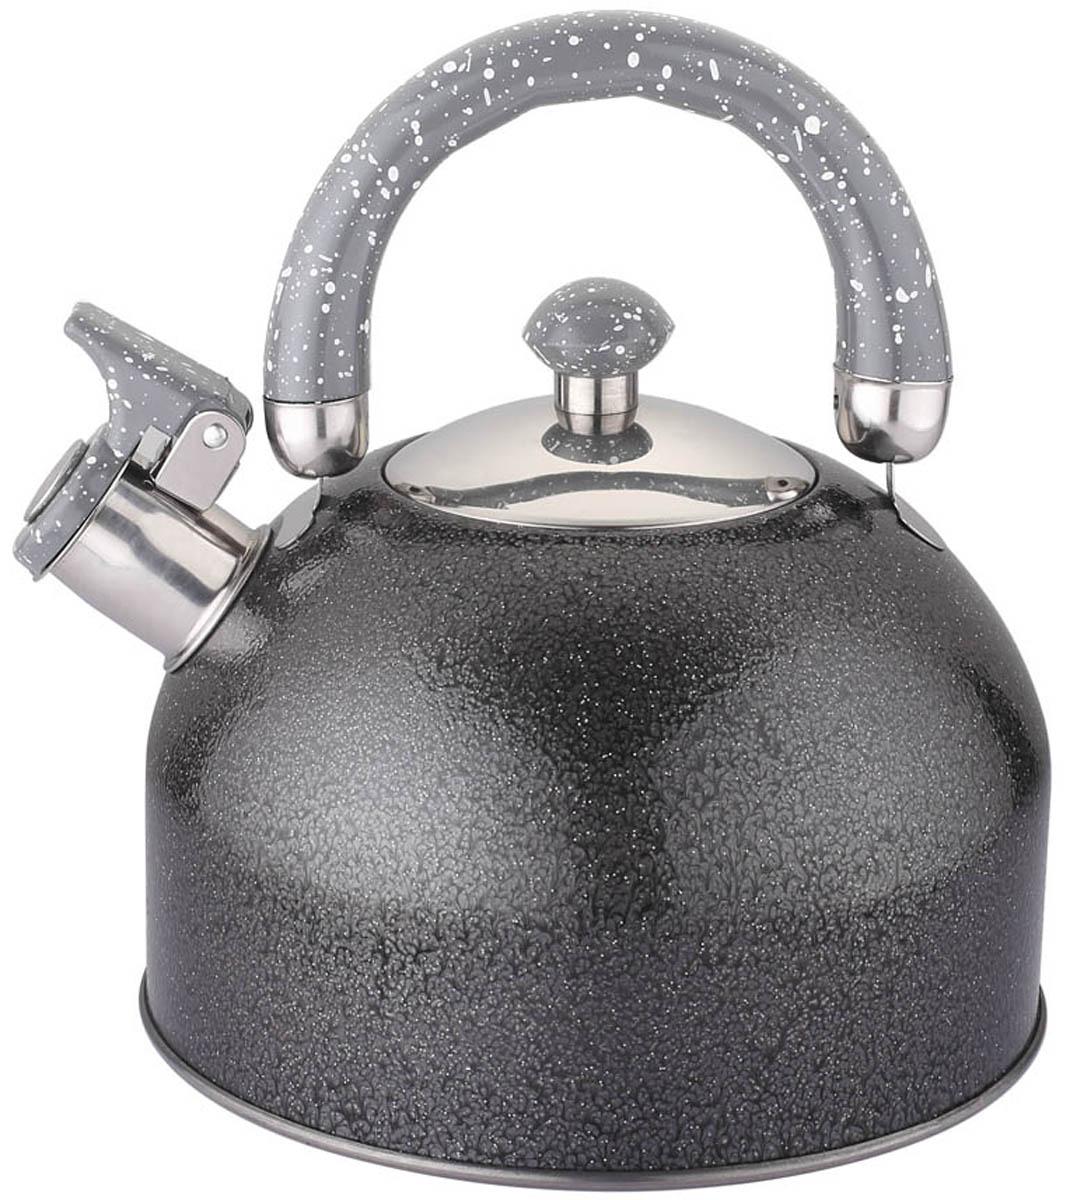 """Чайник """"Appetite"""" изготовлен из высококачественной нержавеющей стали. Нержавеющая сталь обладает высокой устойчивостью к коррозии, не вступает в реакцию с холодными и горячими продуктами и полностью сохраняет их вкусовые качества. Особая конструкция дна способствует высокой теплопроводности и равномерному распределению тепла.  Чайник оснащен удобной пластиковой  ручкой. Носик чайника имеет откидной свисток, звуковой сигнал которого подскажет, когда закипит вода.  Чайник """"Appetite"""" пригоден для использования на всех видах плит."""